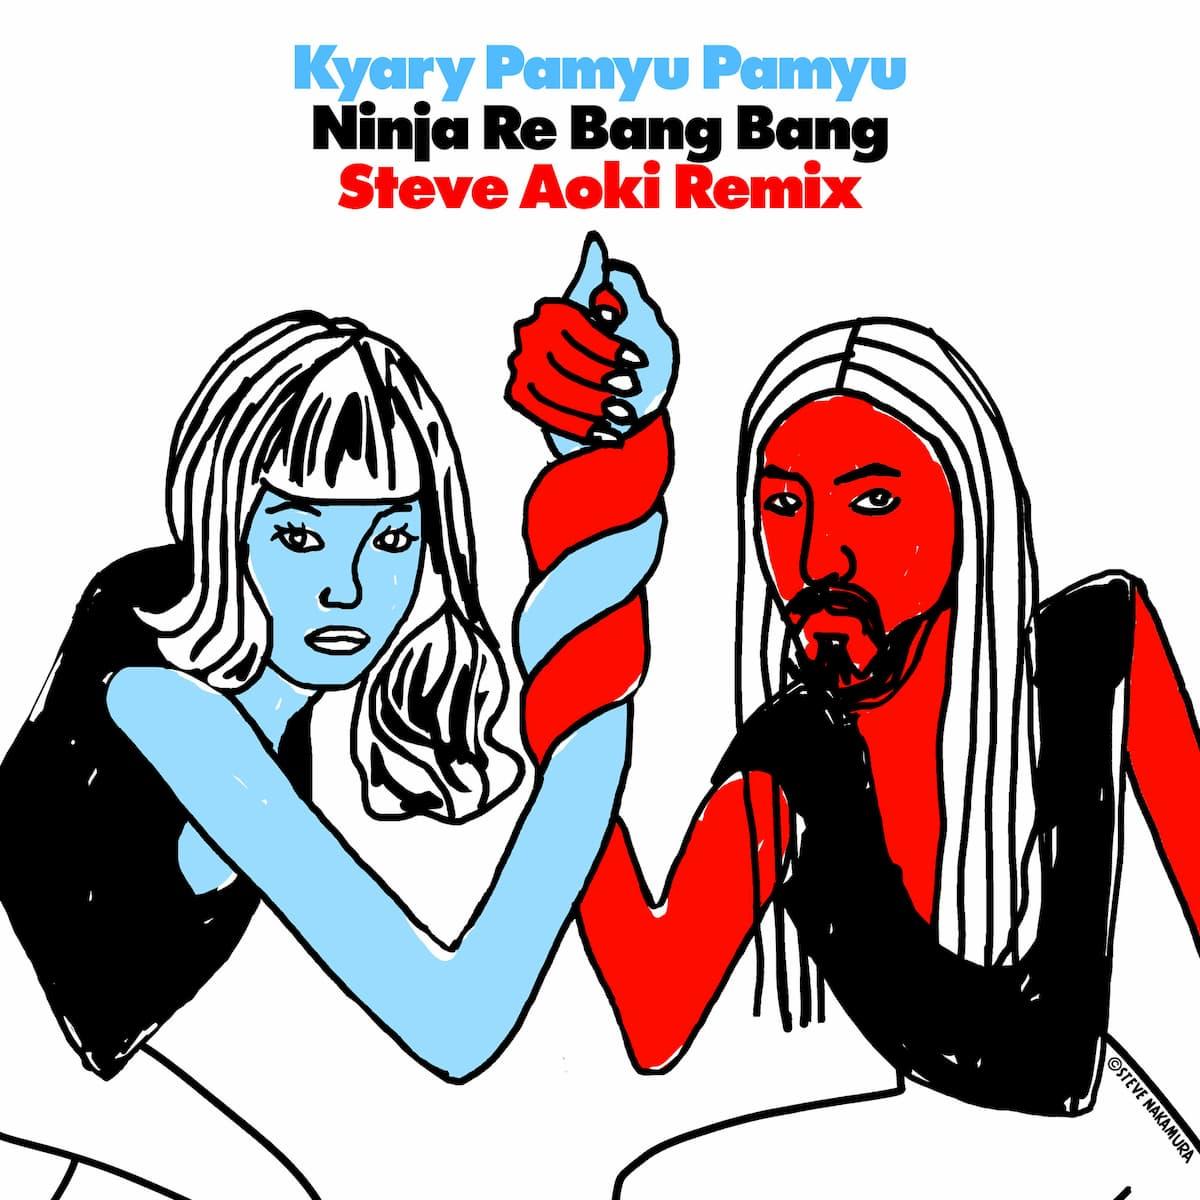 にんじゃりばんばん Steve Aoki Remix